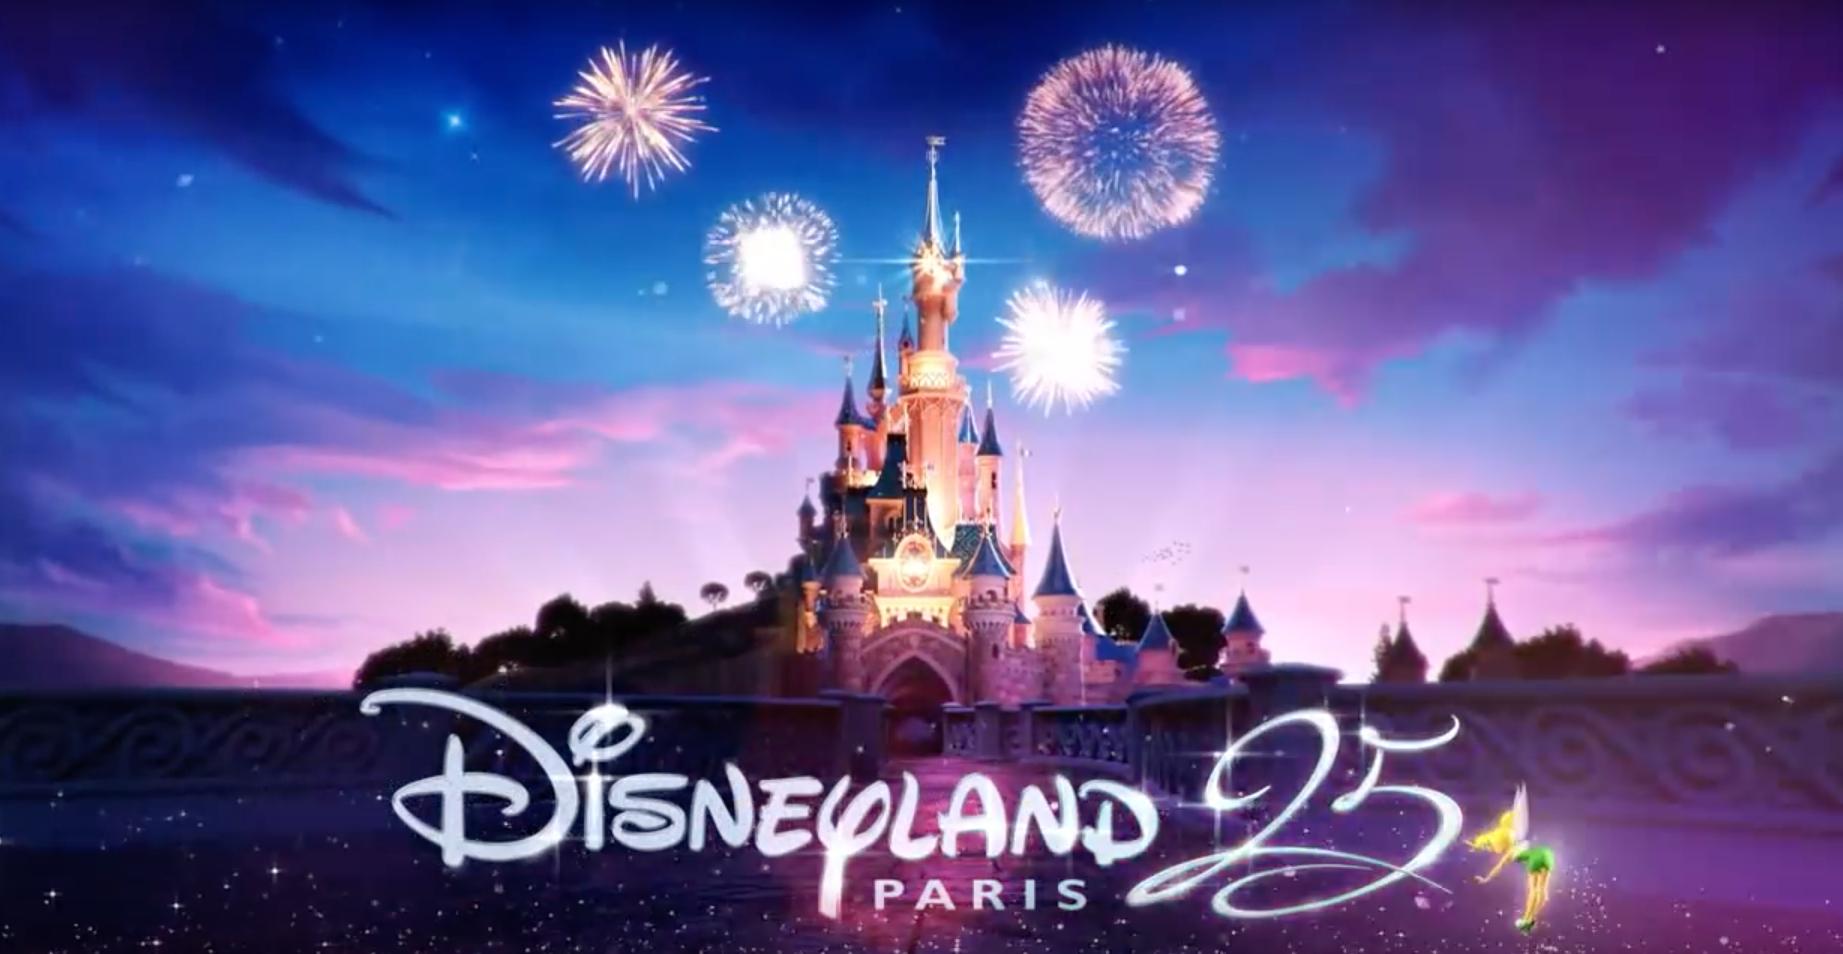 Vente Exclusive | Vanaf €104,75 p.p. (excl. vervoer) naar Disneyland Parijs